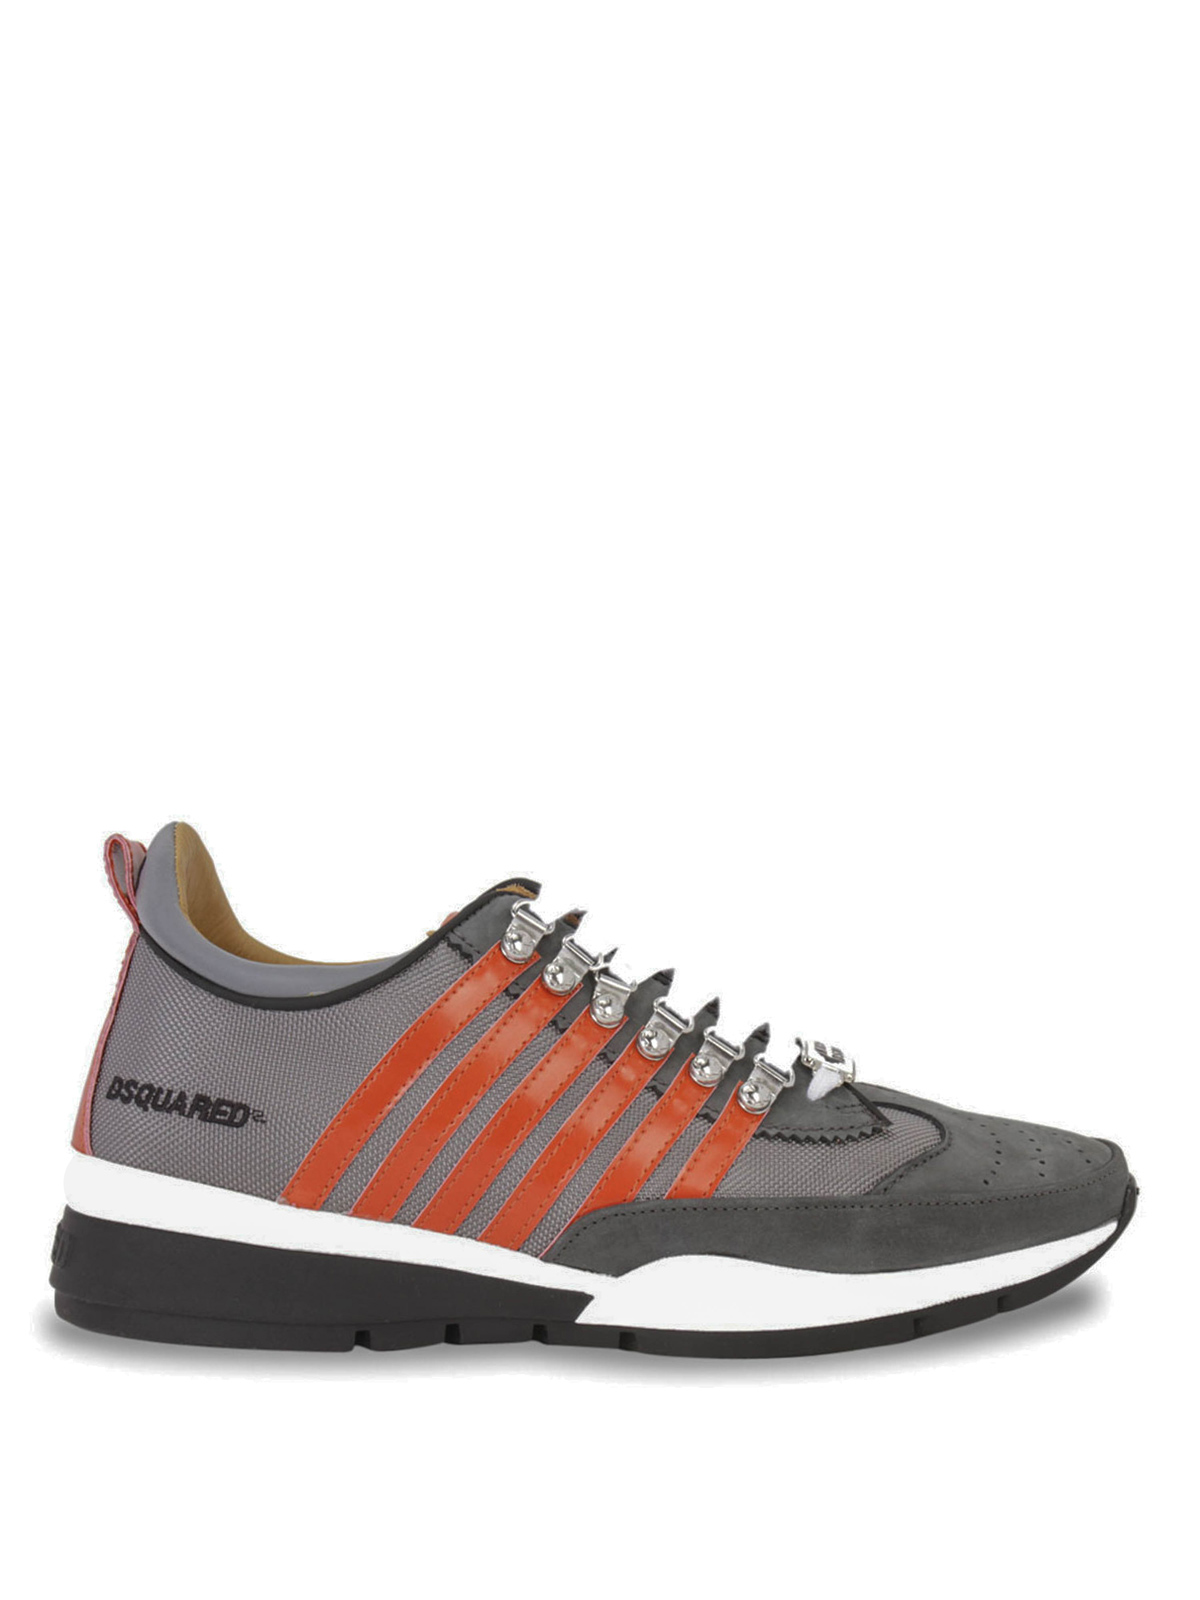 9fd5837bc6a65 Dsquared2 - Baskets 251 Pour Homme - Chaussures de sport ...